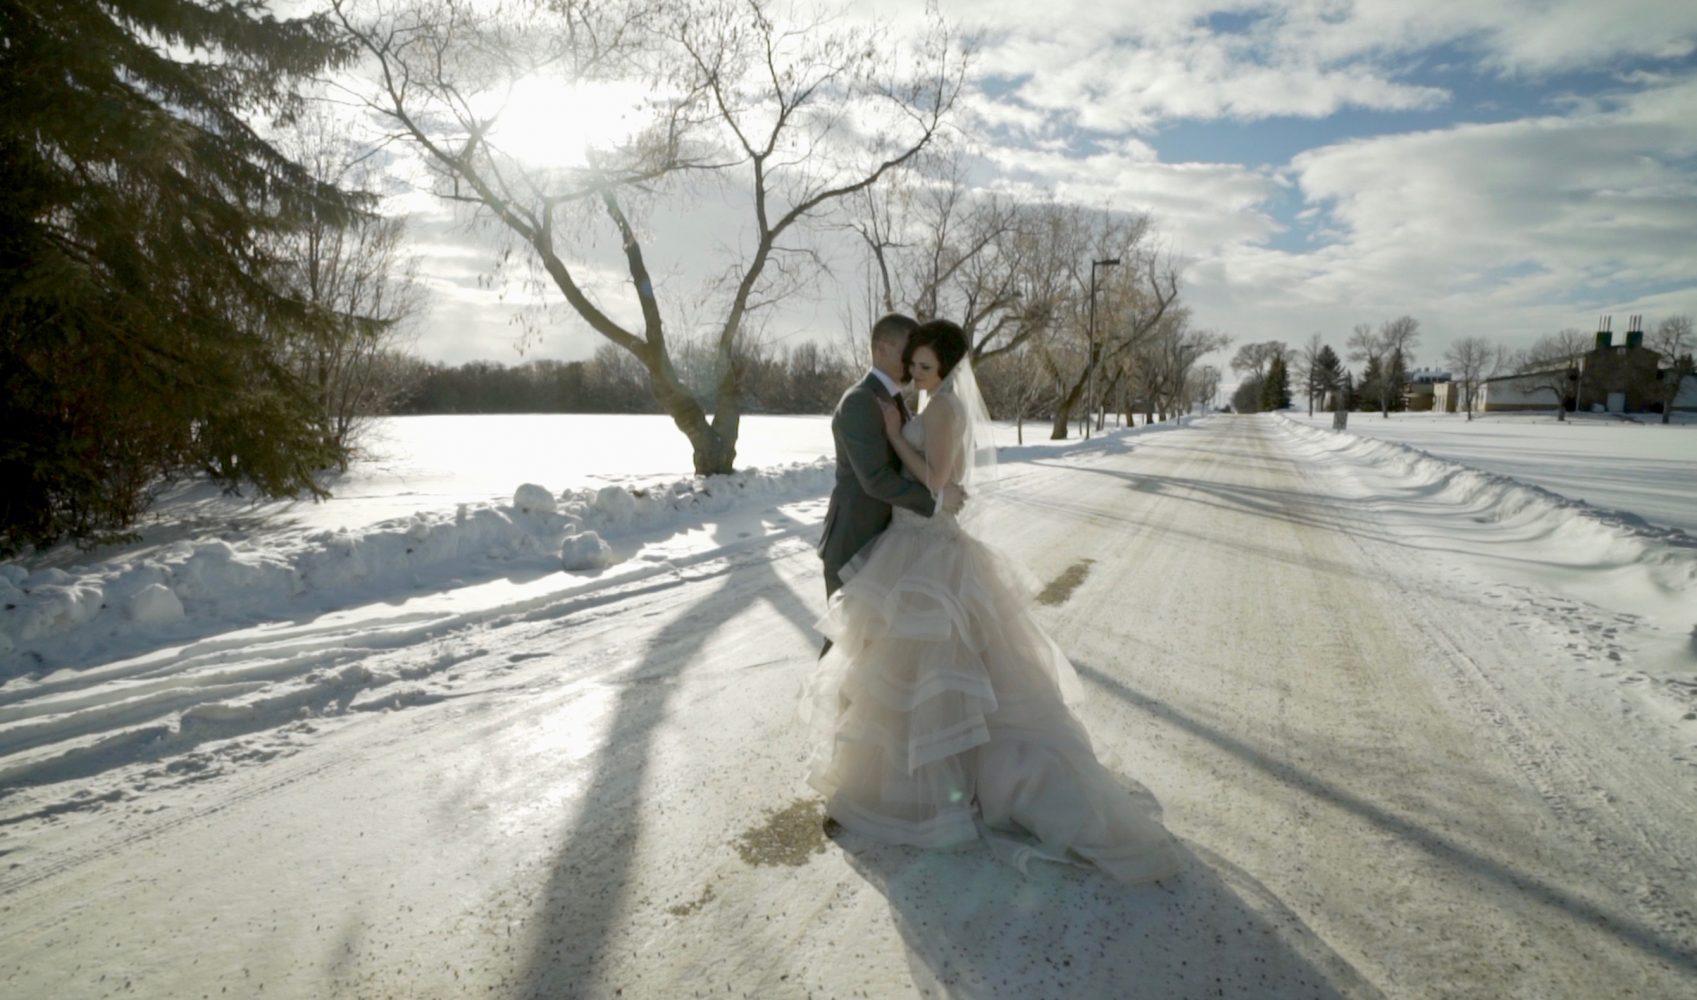 28528Braydi + Tanner | Lacombe, Canada | Lacombe Memorial Center